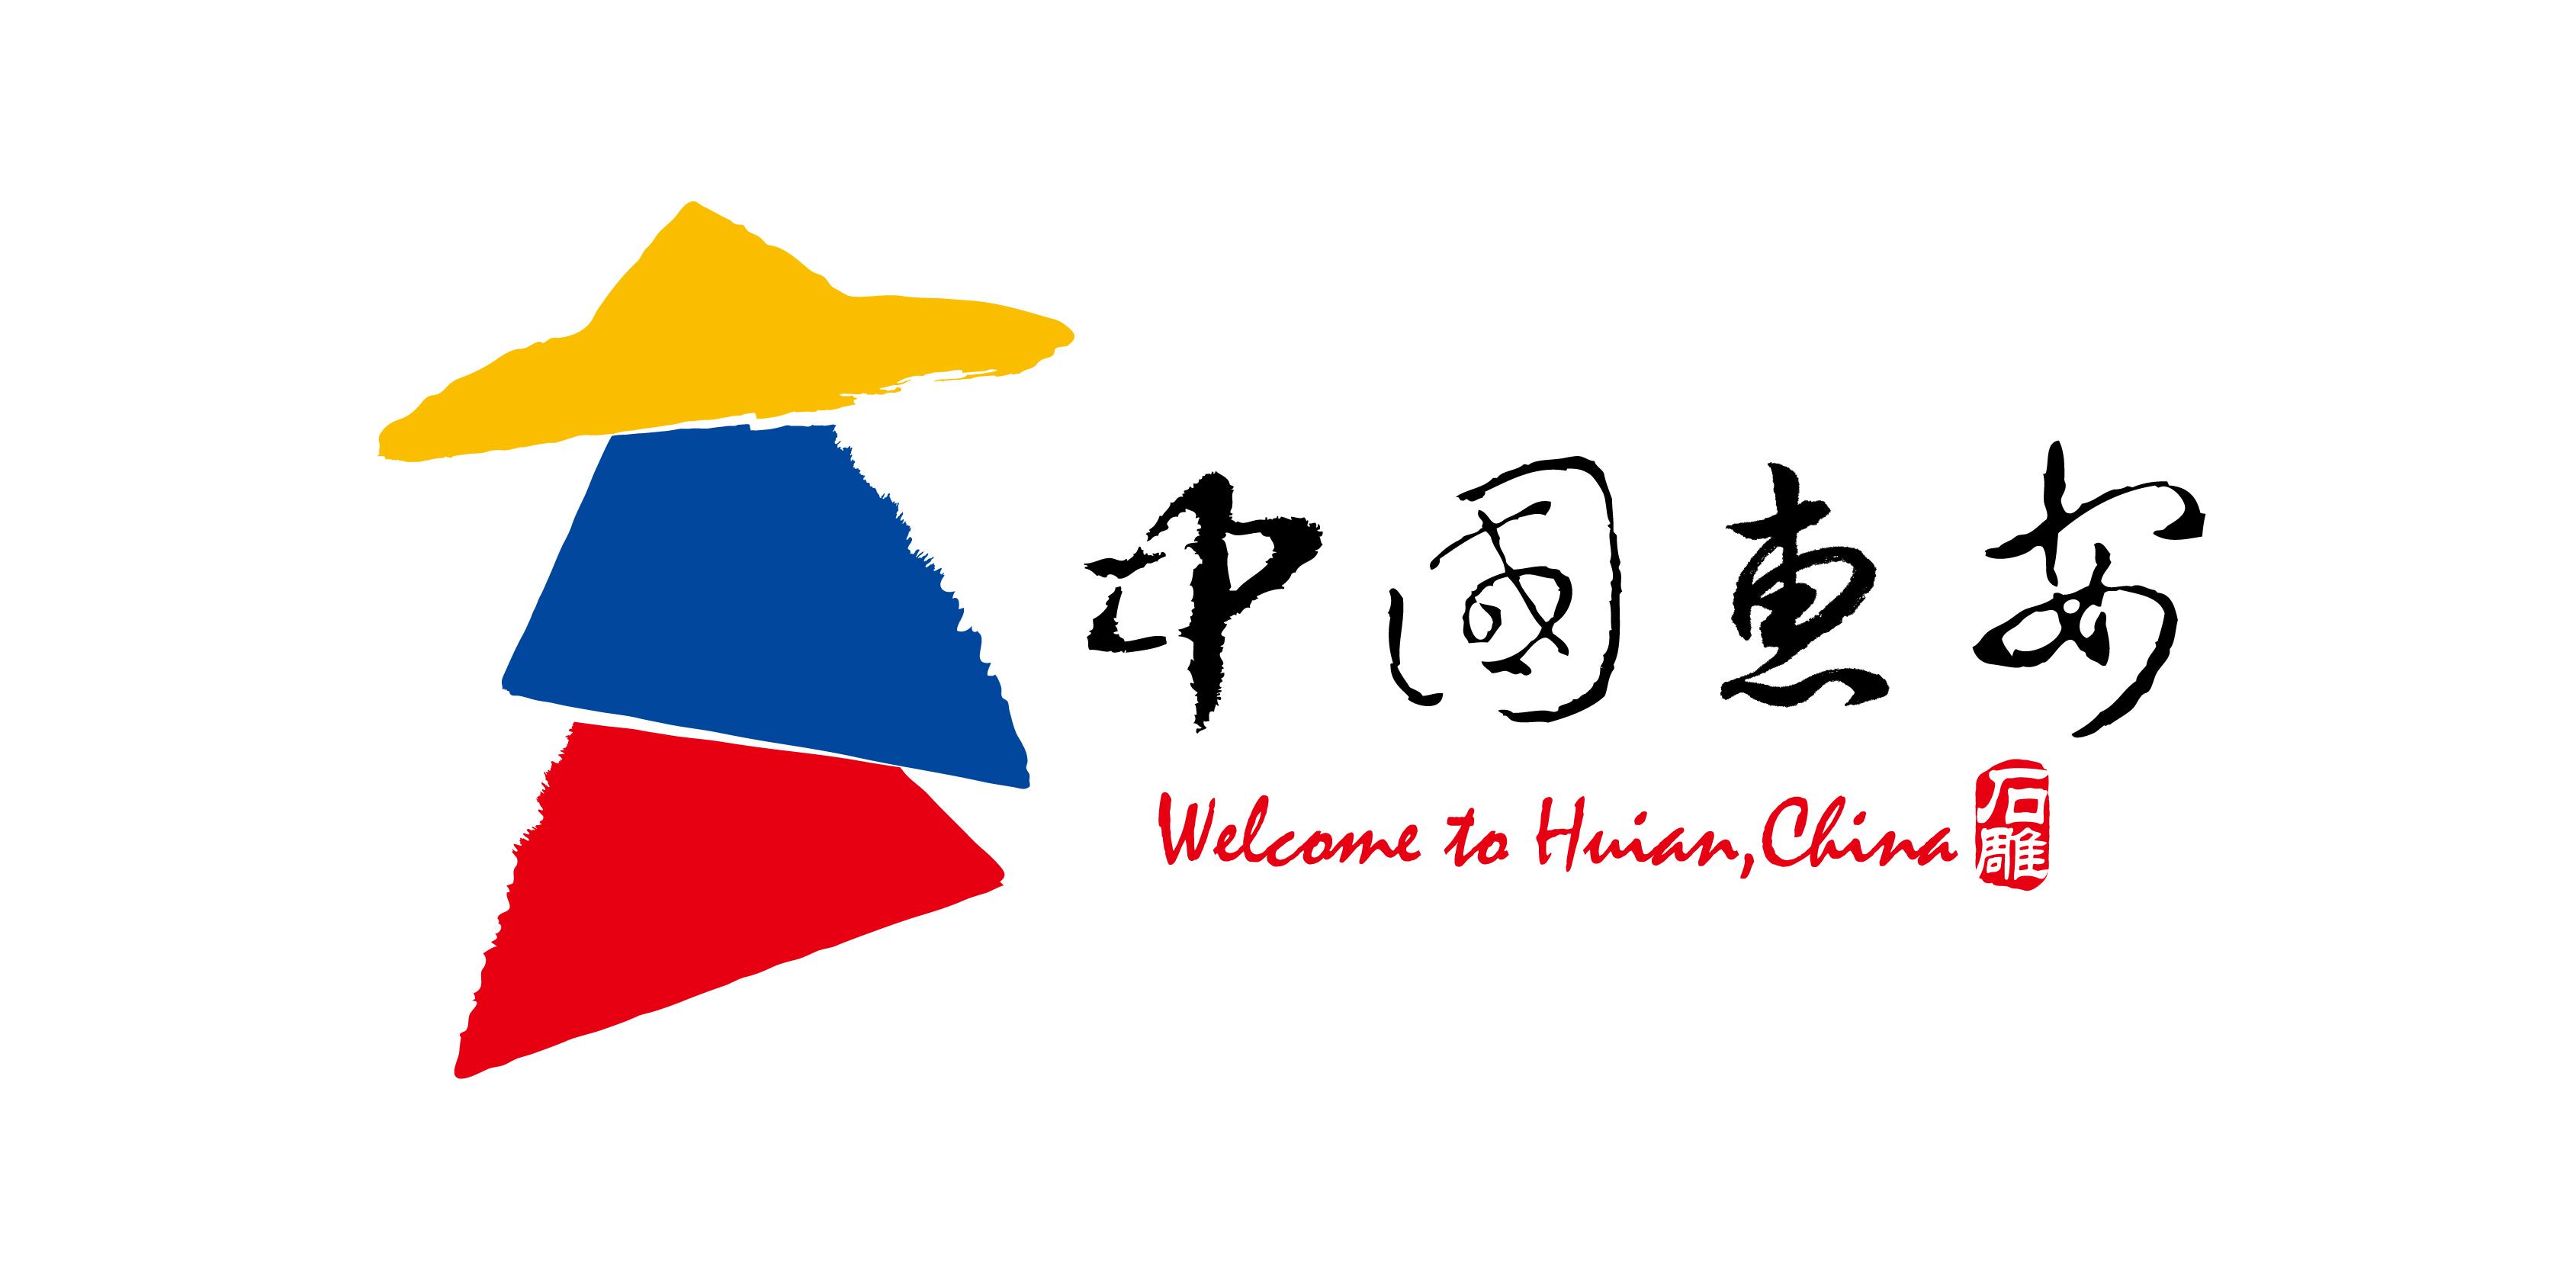 logo logo 标志 设计 矢量 矢量图 素材 图标 3378_1689